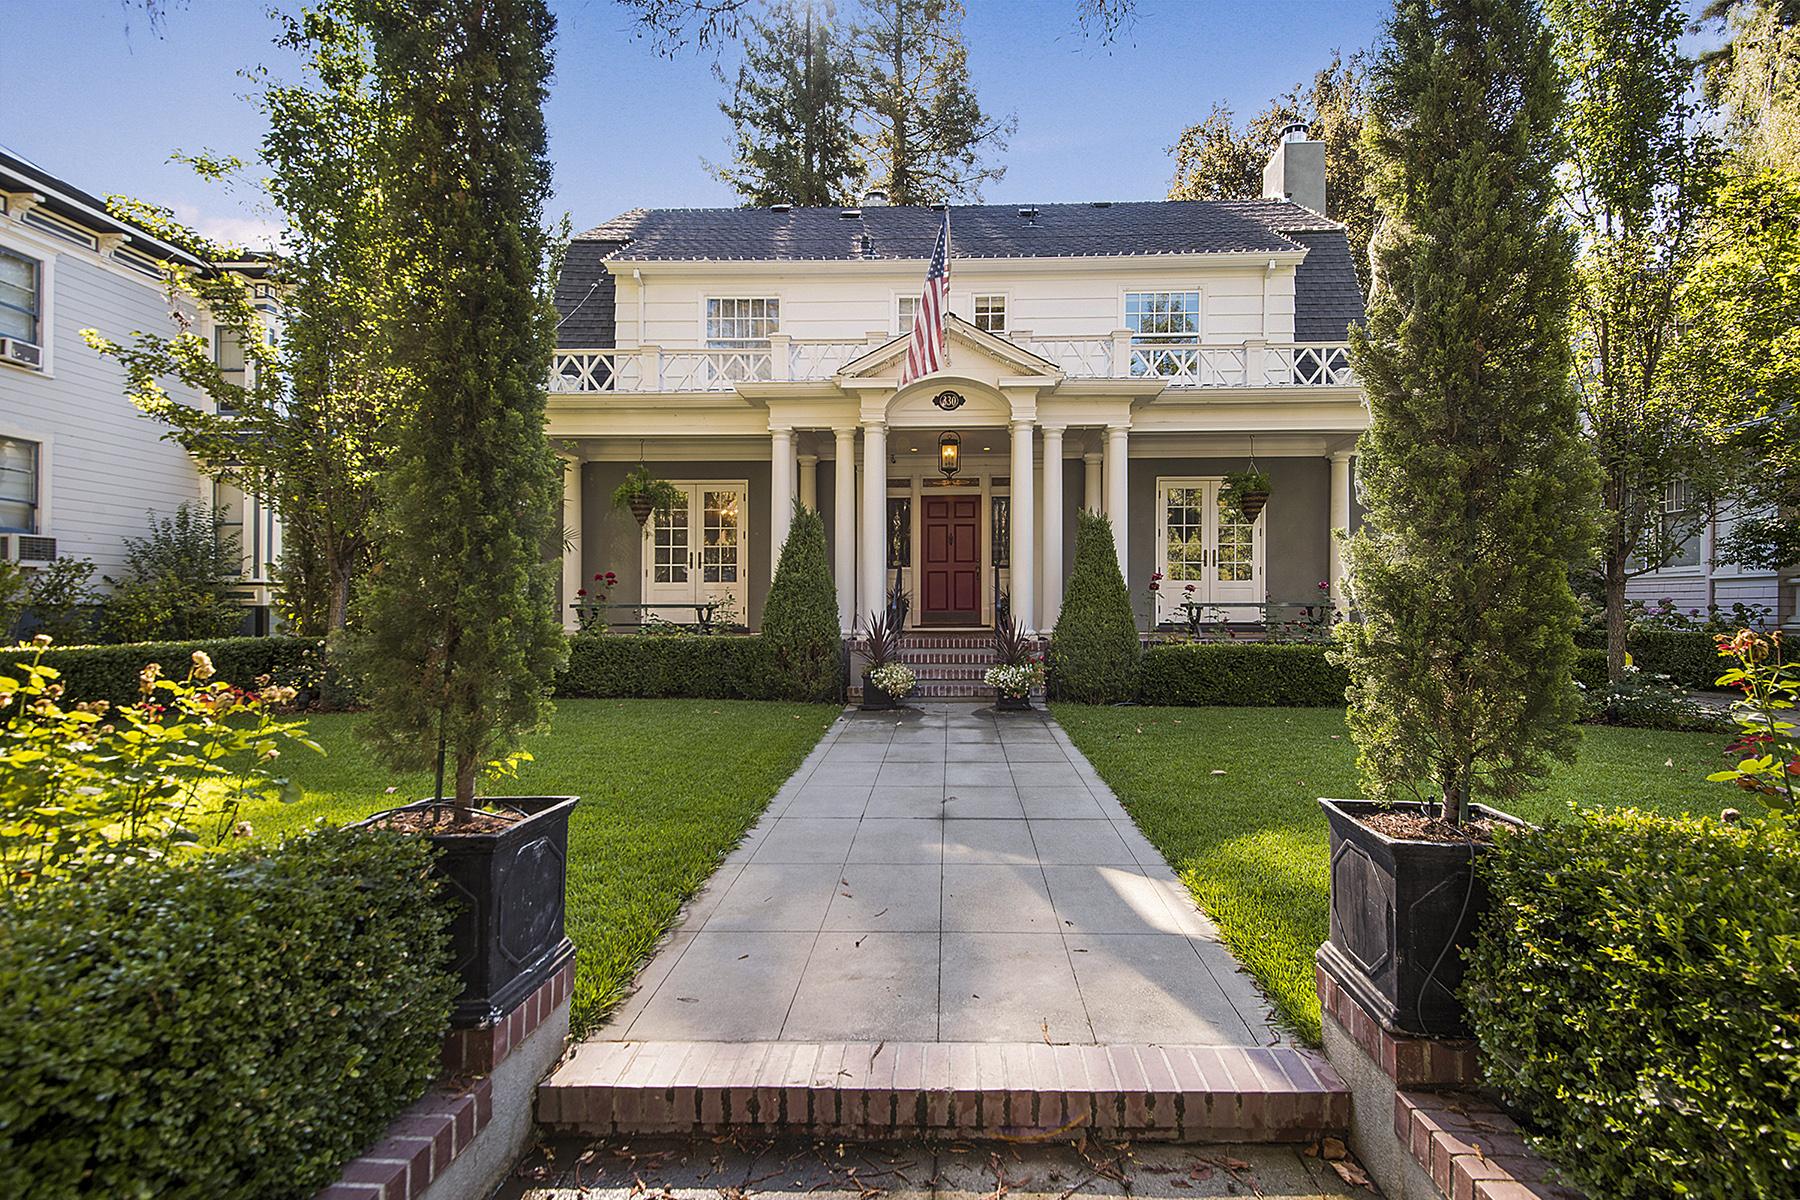 Casa para uma família para Venda às 330 Franklin St, Napa, CA 94559 330 Franklin St Napa, Califórnia, 94559 Estados Unidos